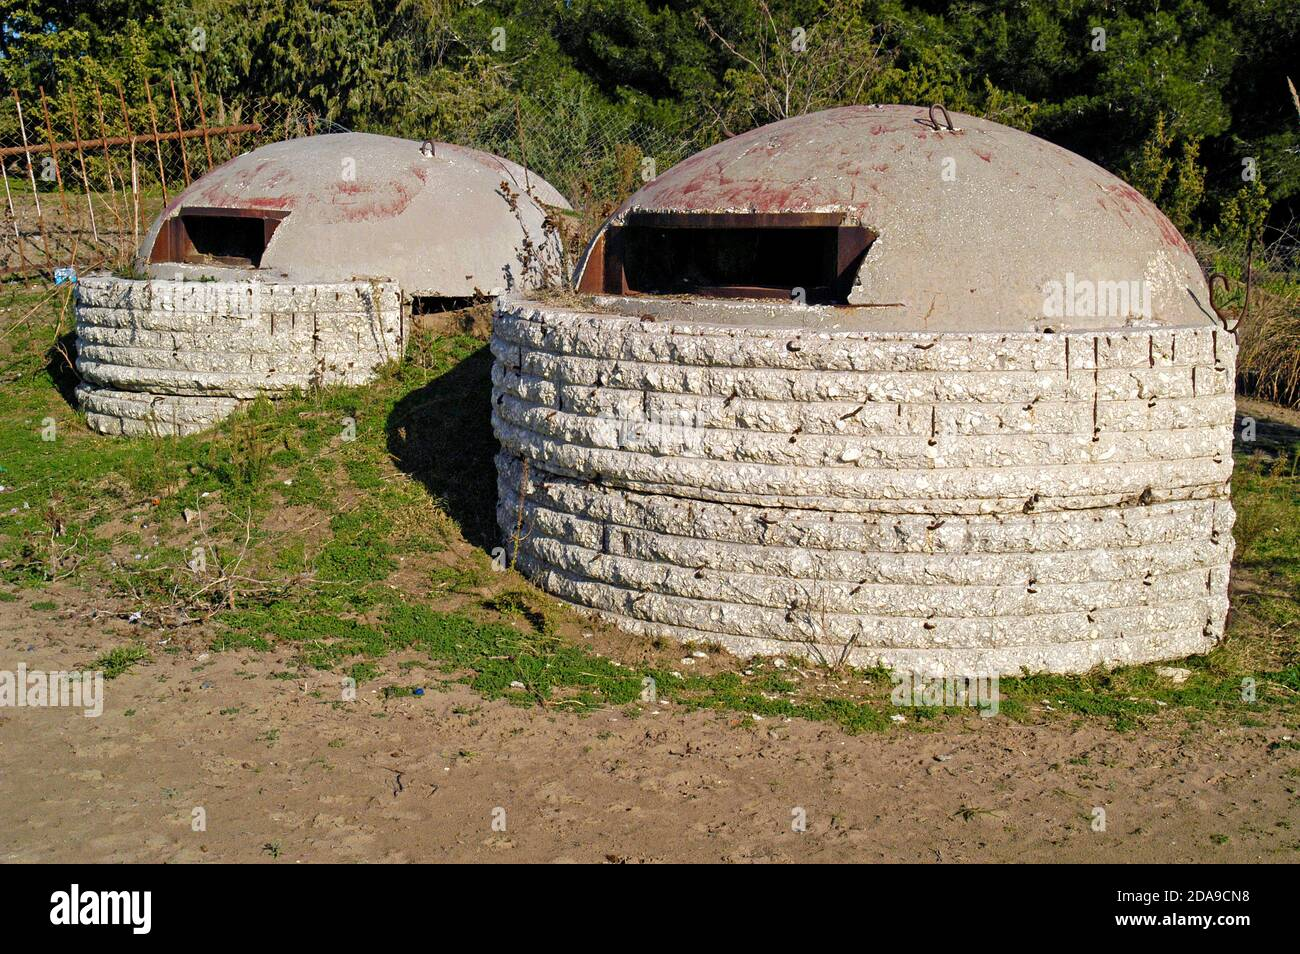 Bunkers en béton, Albanie rurale Banque D'Images